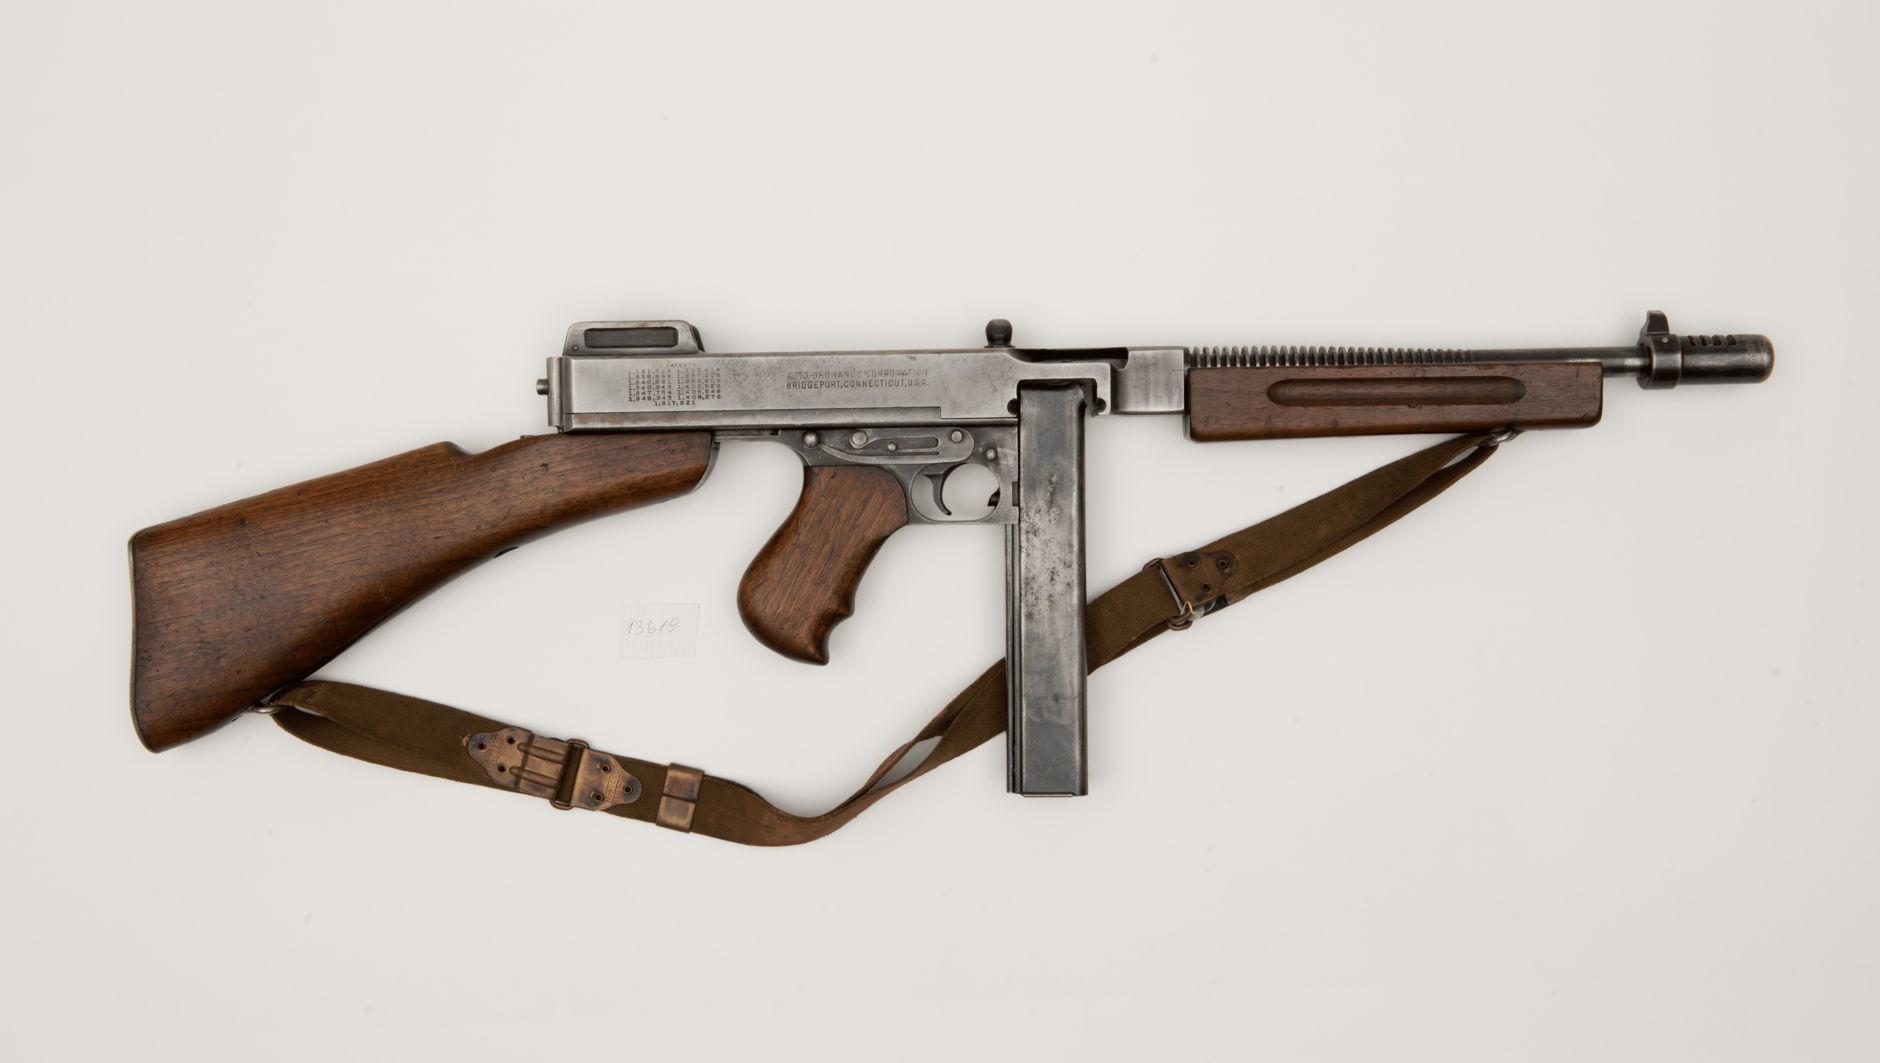 Пистолет-пулемет Томпсон образца 1921 г. Бричпорт. Коннектикут.США. Первая половина ХХ века